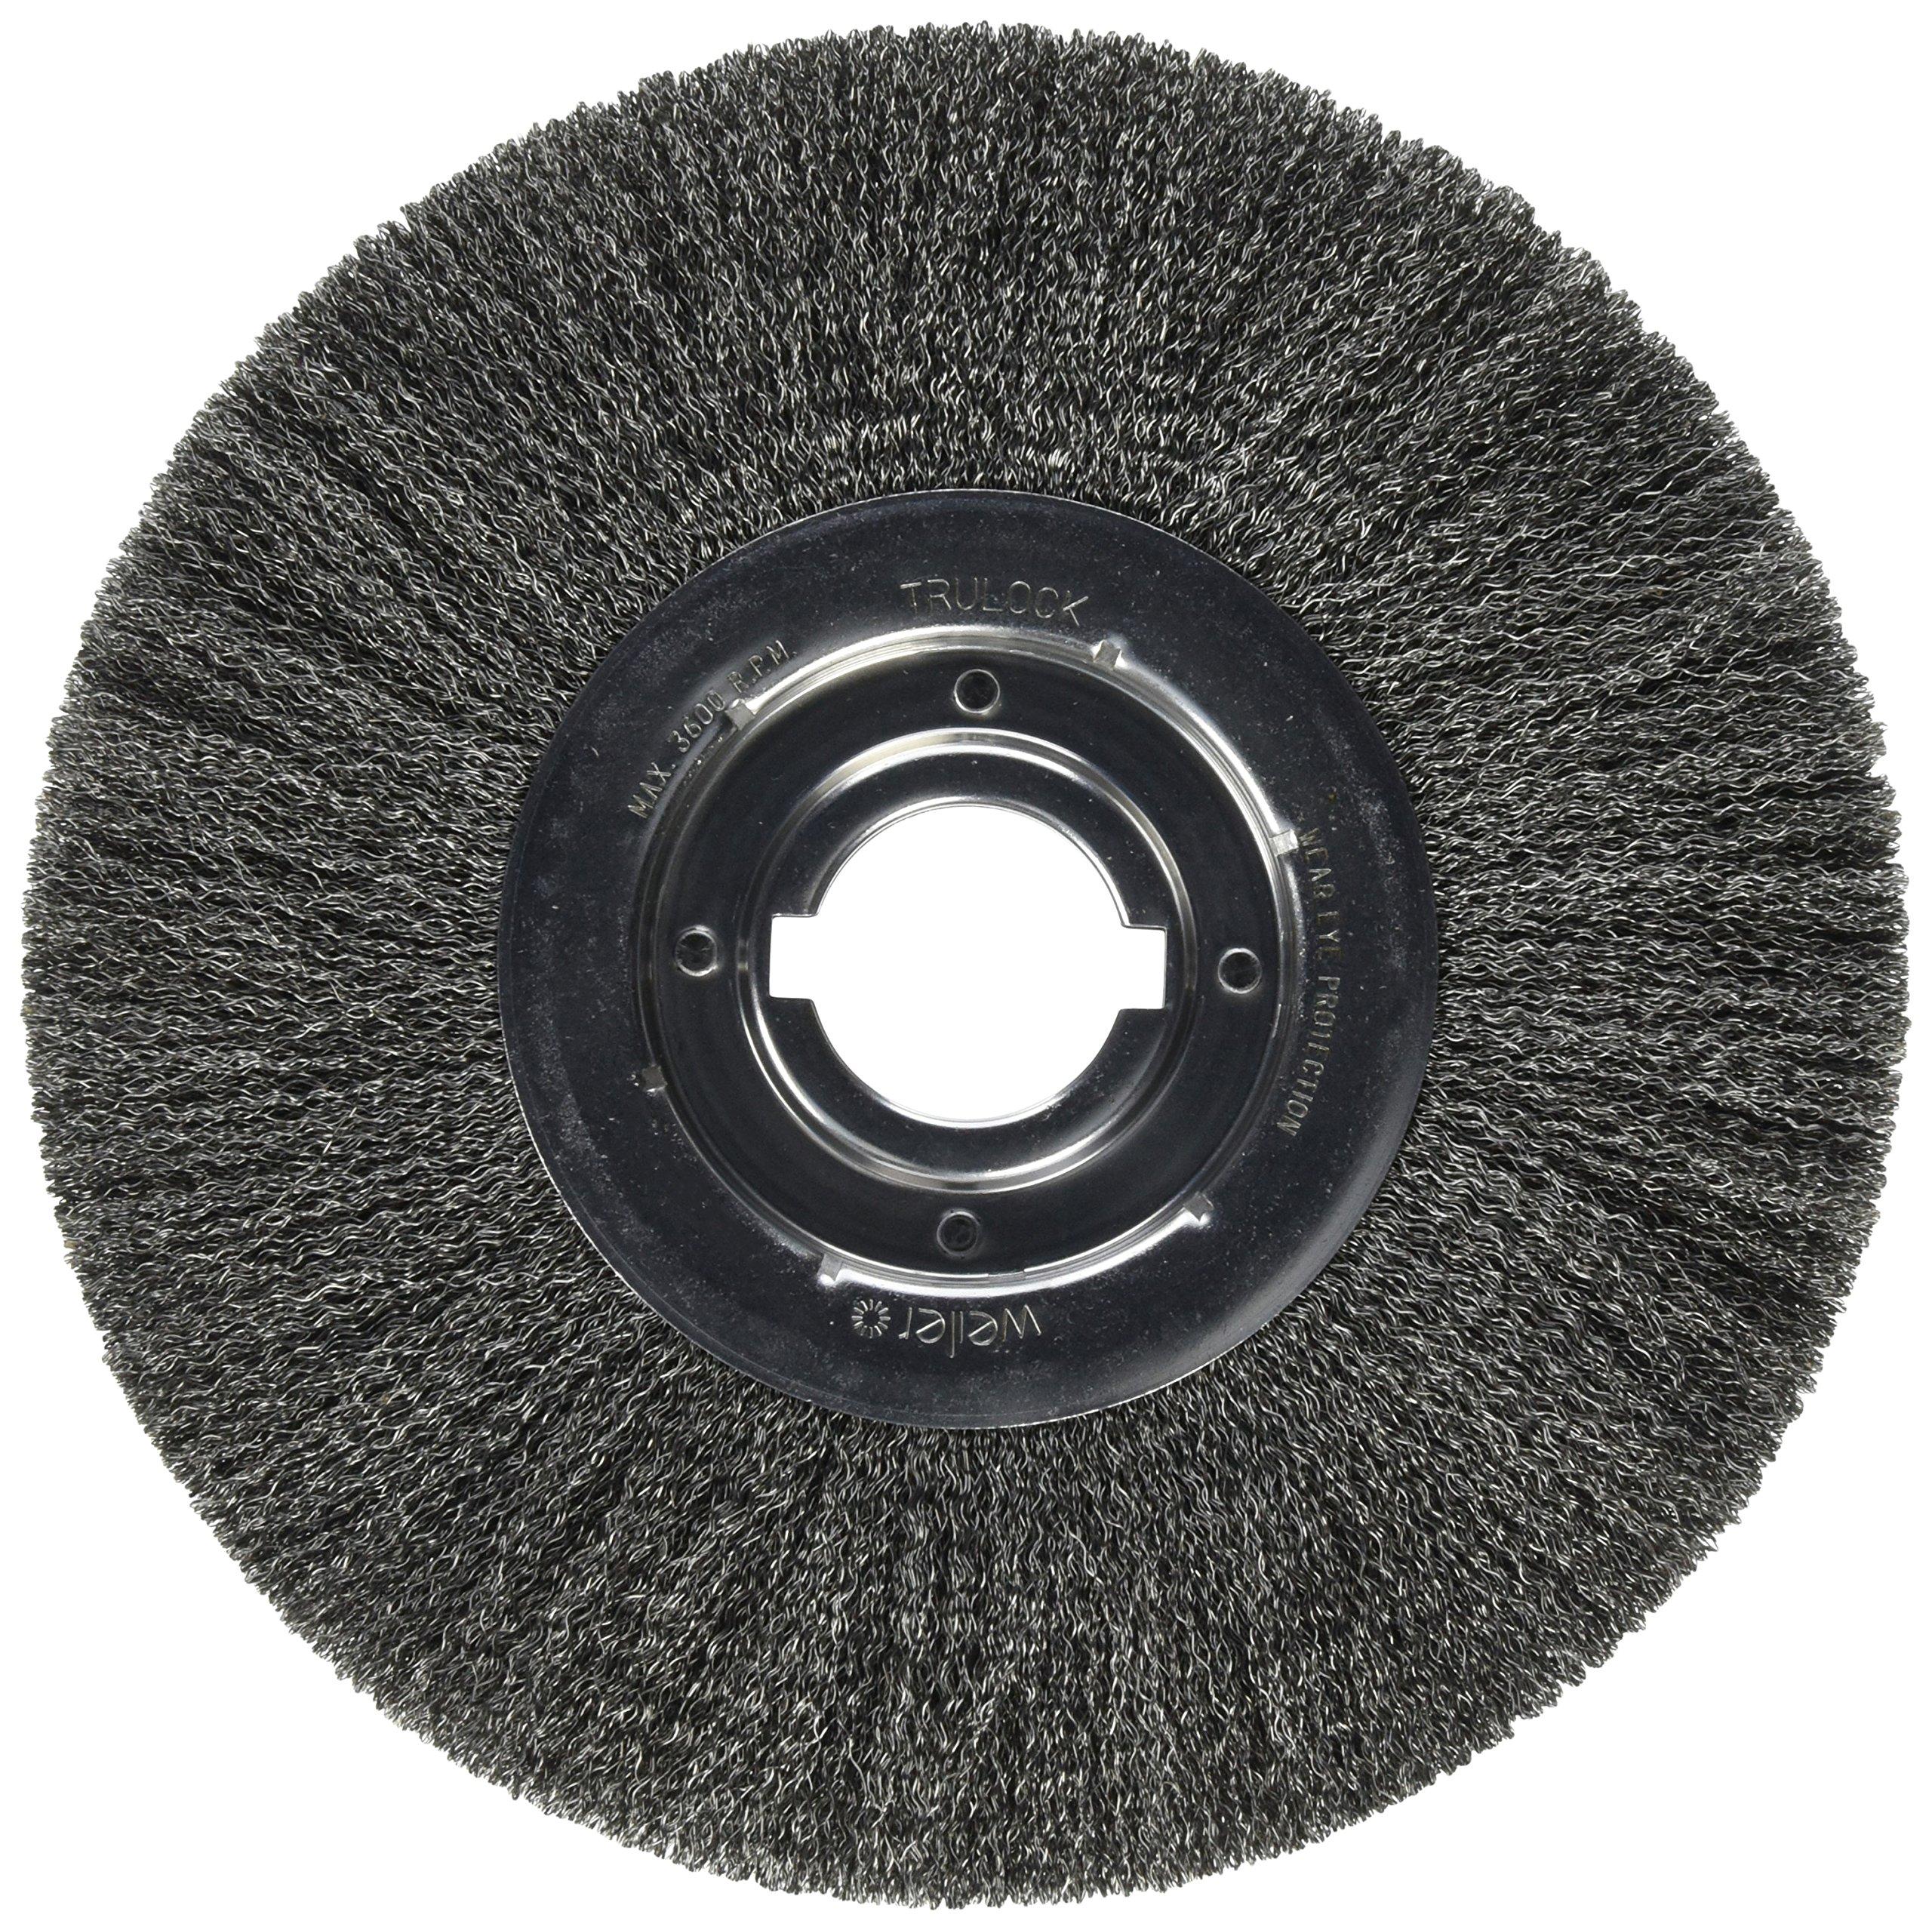 Weiler 804-06190 Trulock Medium Face Crimped Wire Wheel, 12'' Diameter x 1 1/4'' Width, 2'', 0.014'' Steel, 3600 RPM